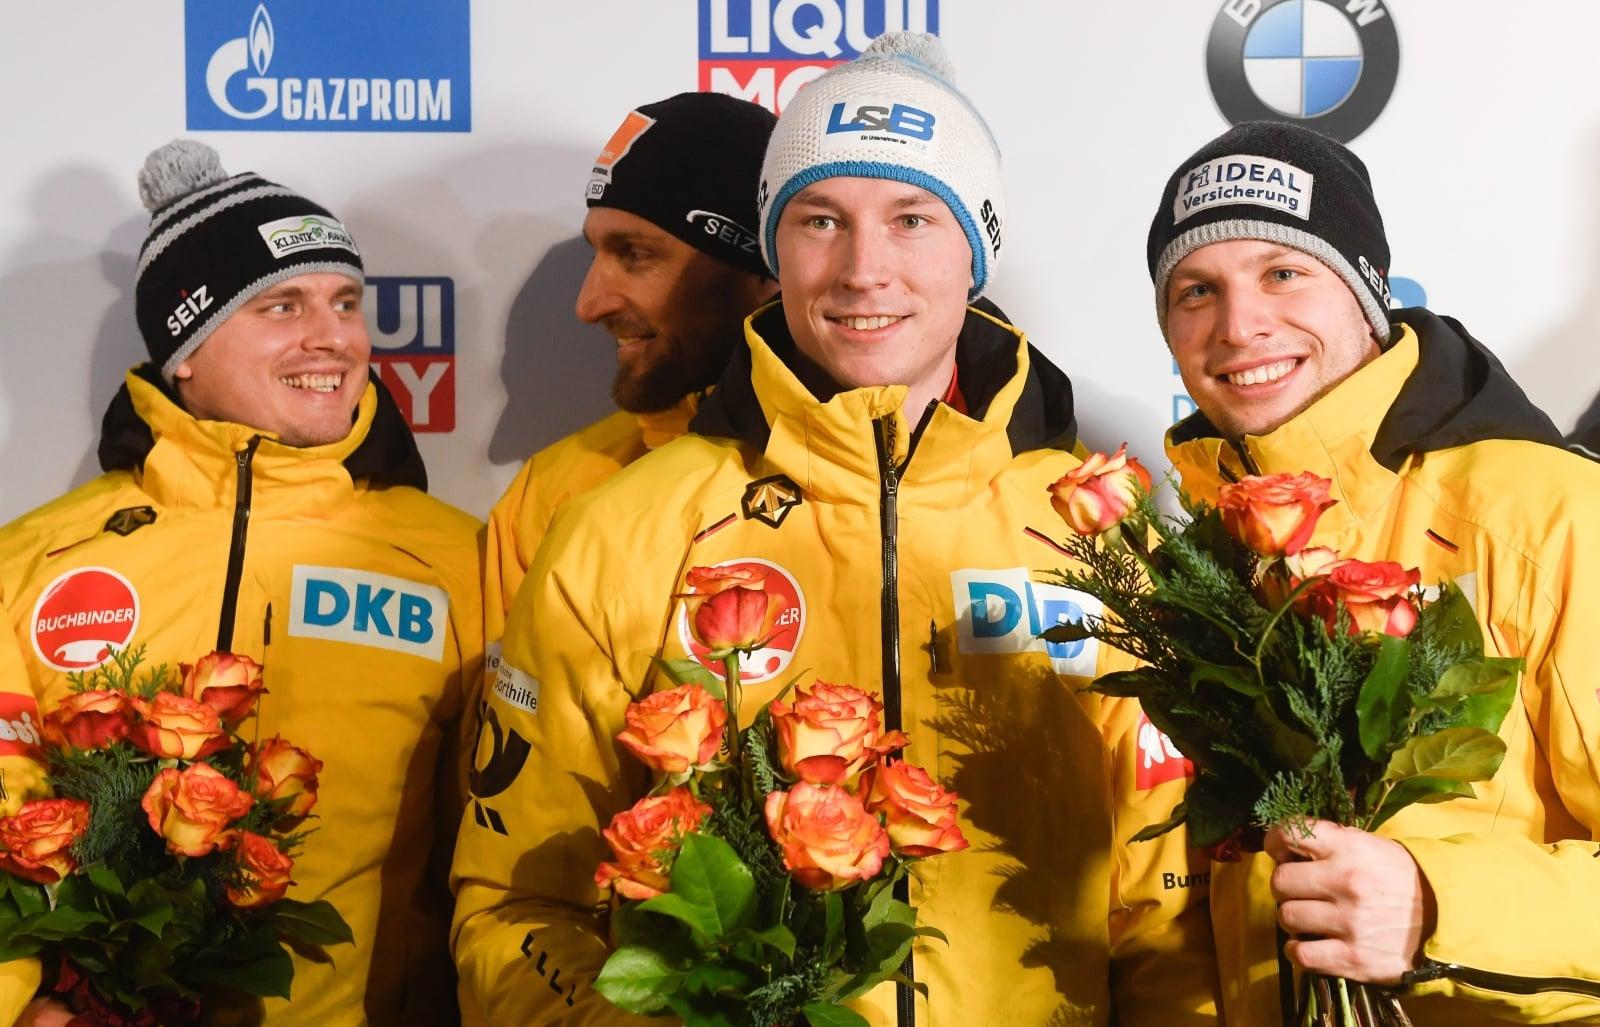 Niemiecki skład bobsleja Nico Walther, Kevin Kuske, Christian Poser i Eric Franke wygrał Mistrzostwa Świata w Bobsleju EPA/FILIP SINGER